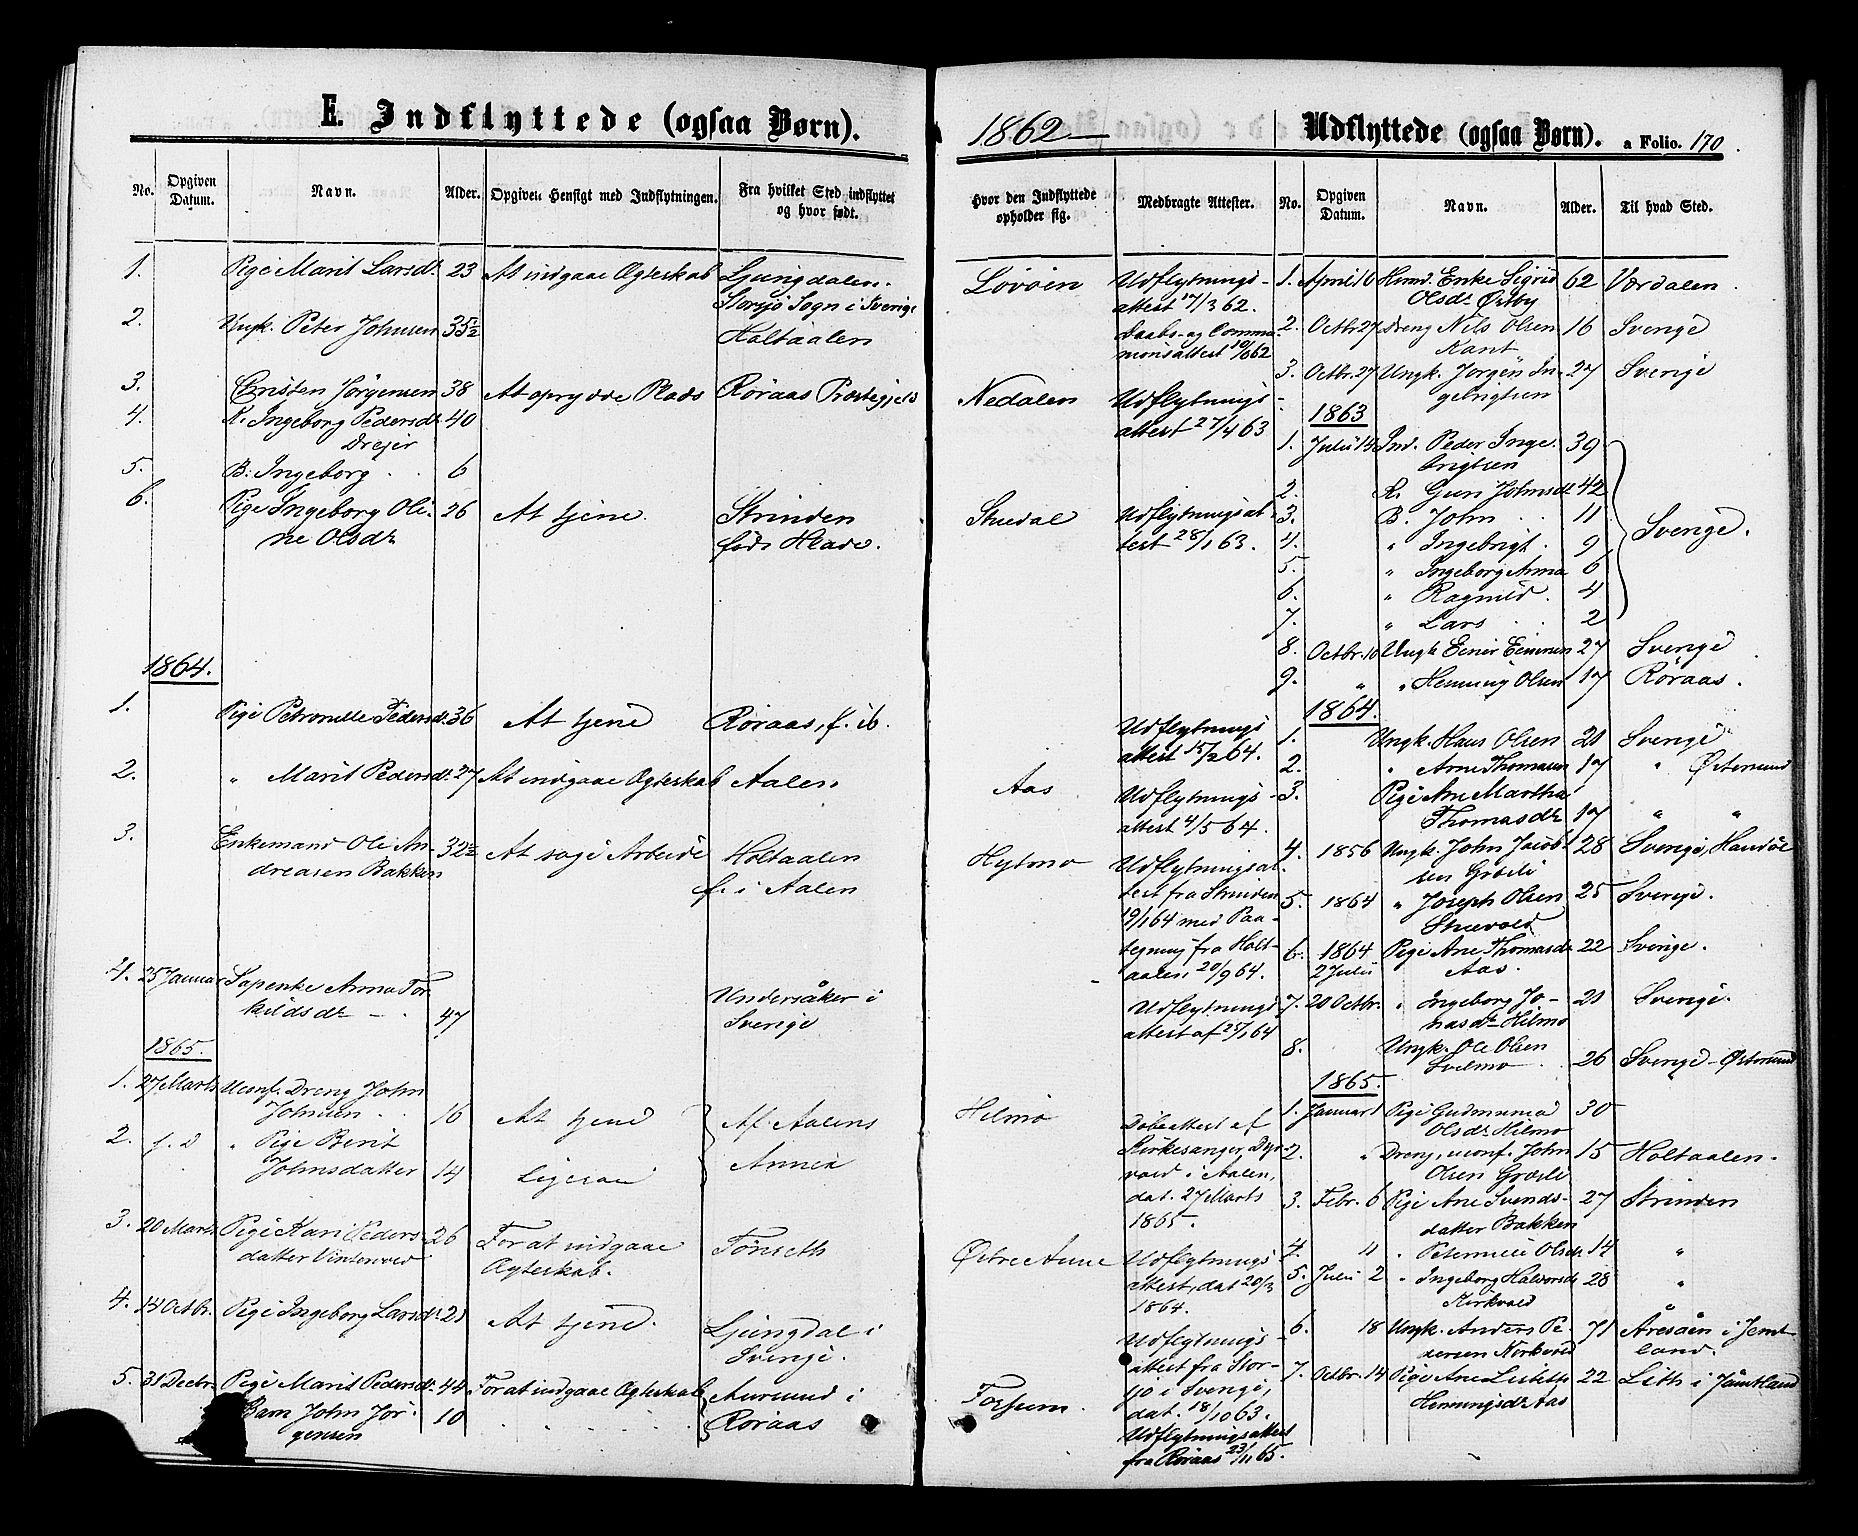 SAT, Ministerialprotokoller, klokkerbøker og fødselsregistre - Sør-Trøndelag, 698/L1163: Ministerialbok nr. 698A01, 1862-1887, s. 170